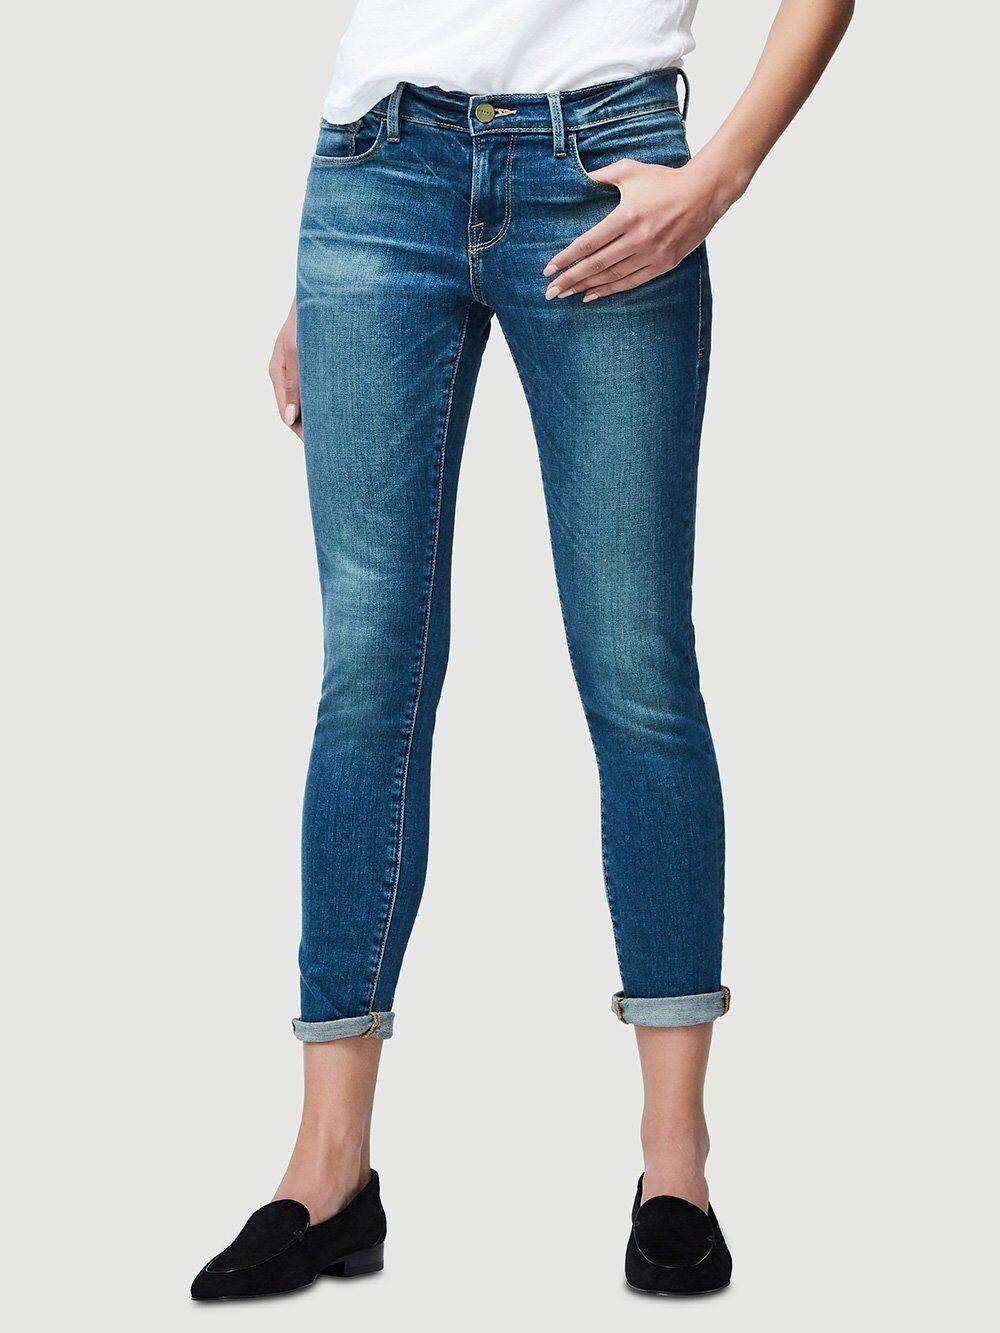 Frame Denim Sz 27 Le Garcon jeans slim boyfriend Ret